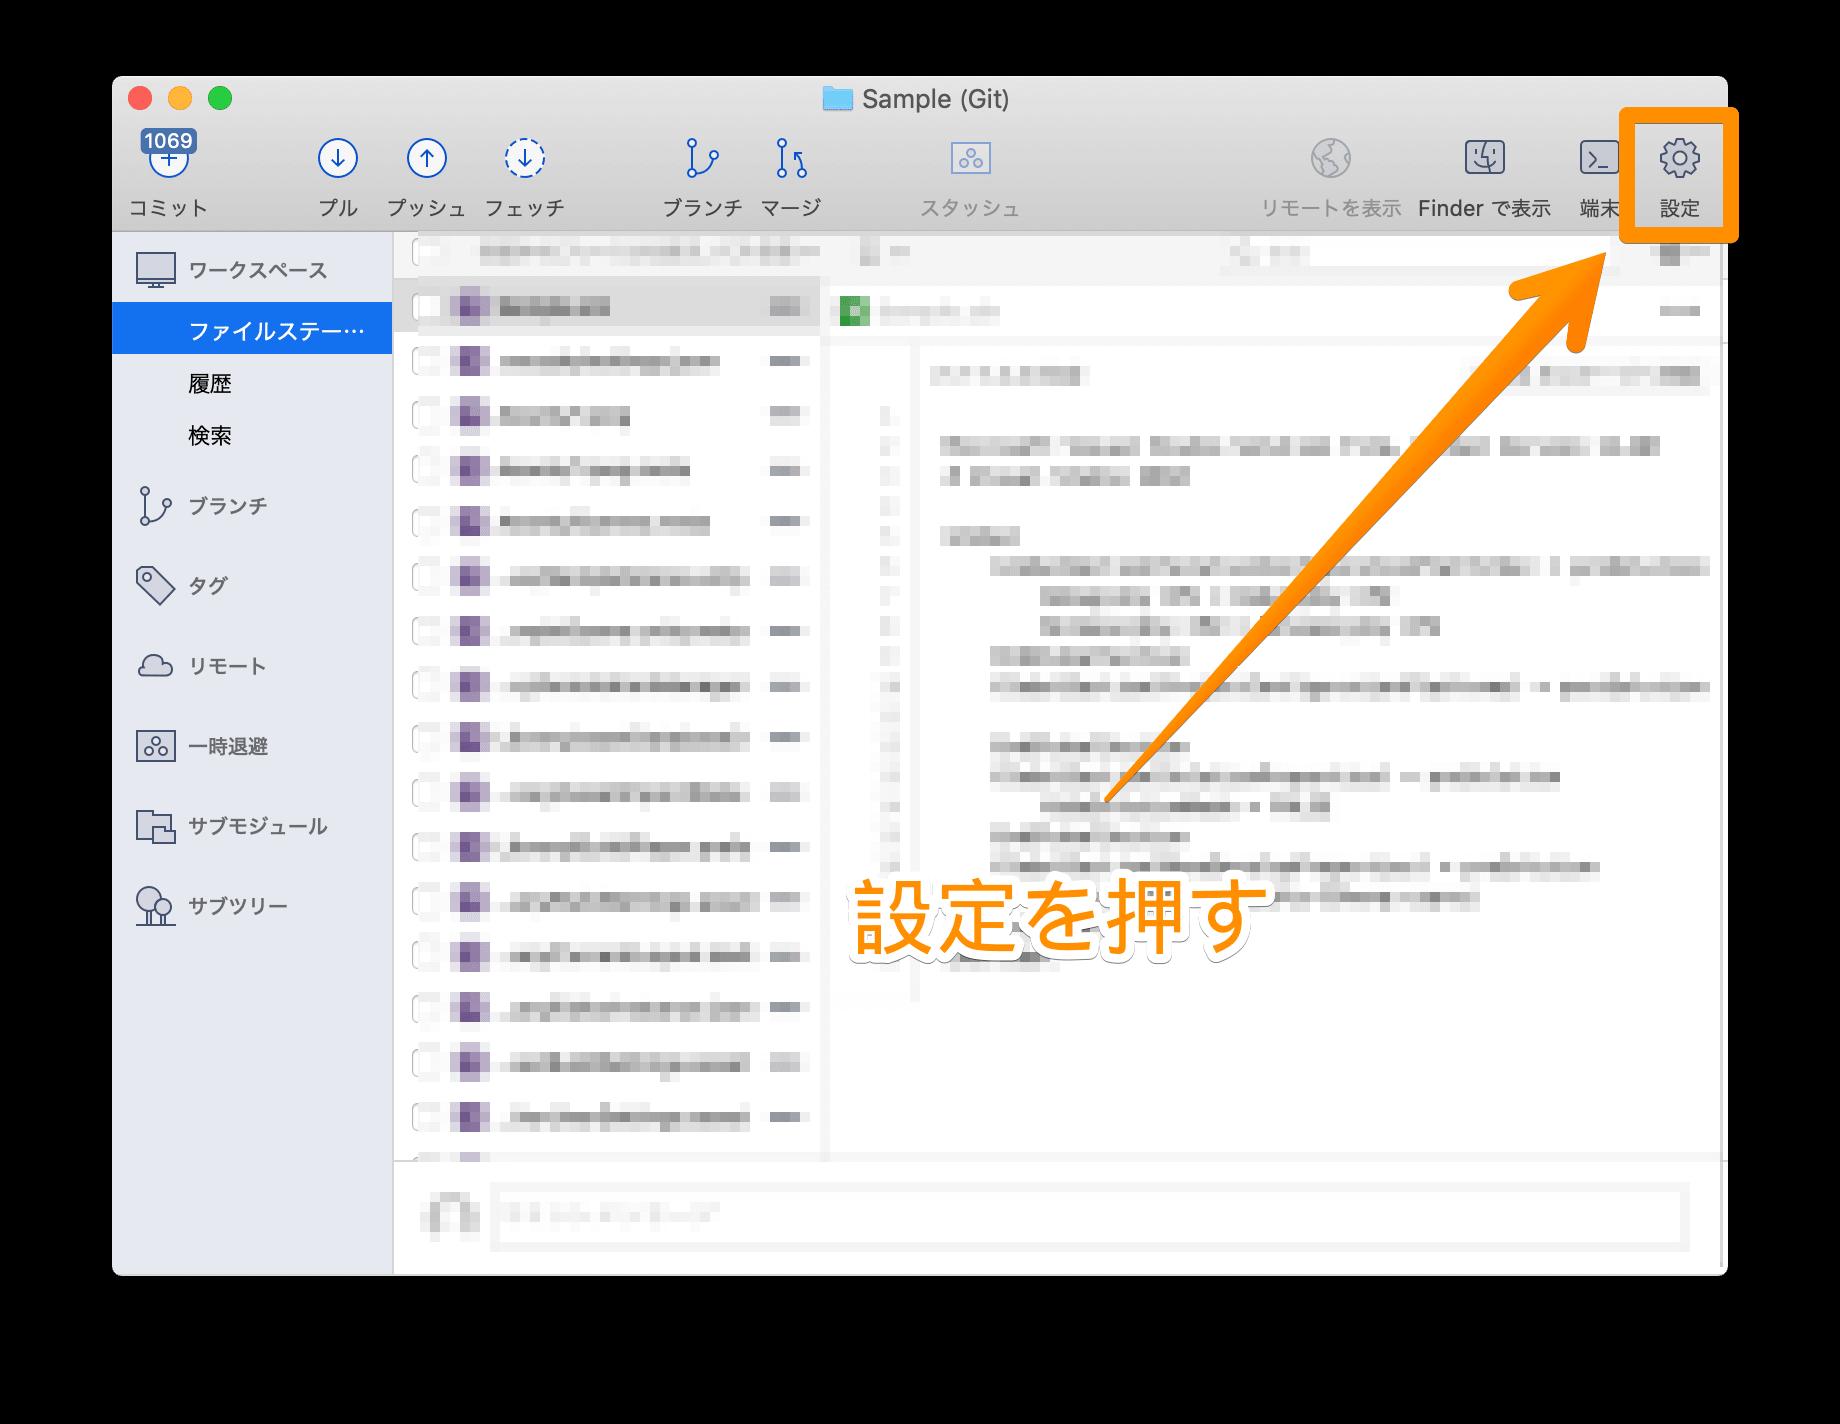 【Unity】Sourcetreeでいらないファイルを除外する